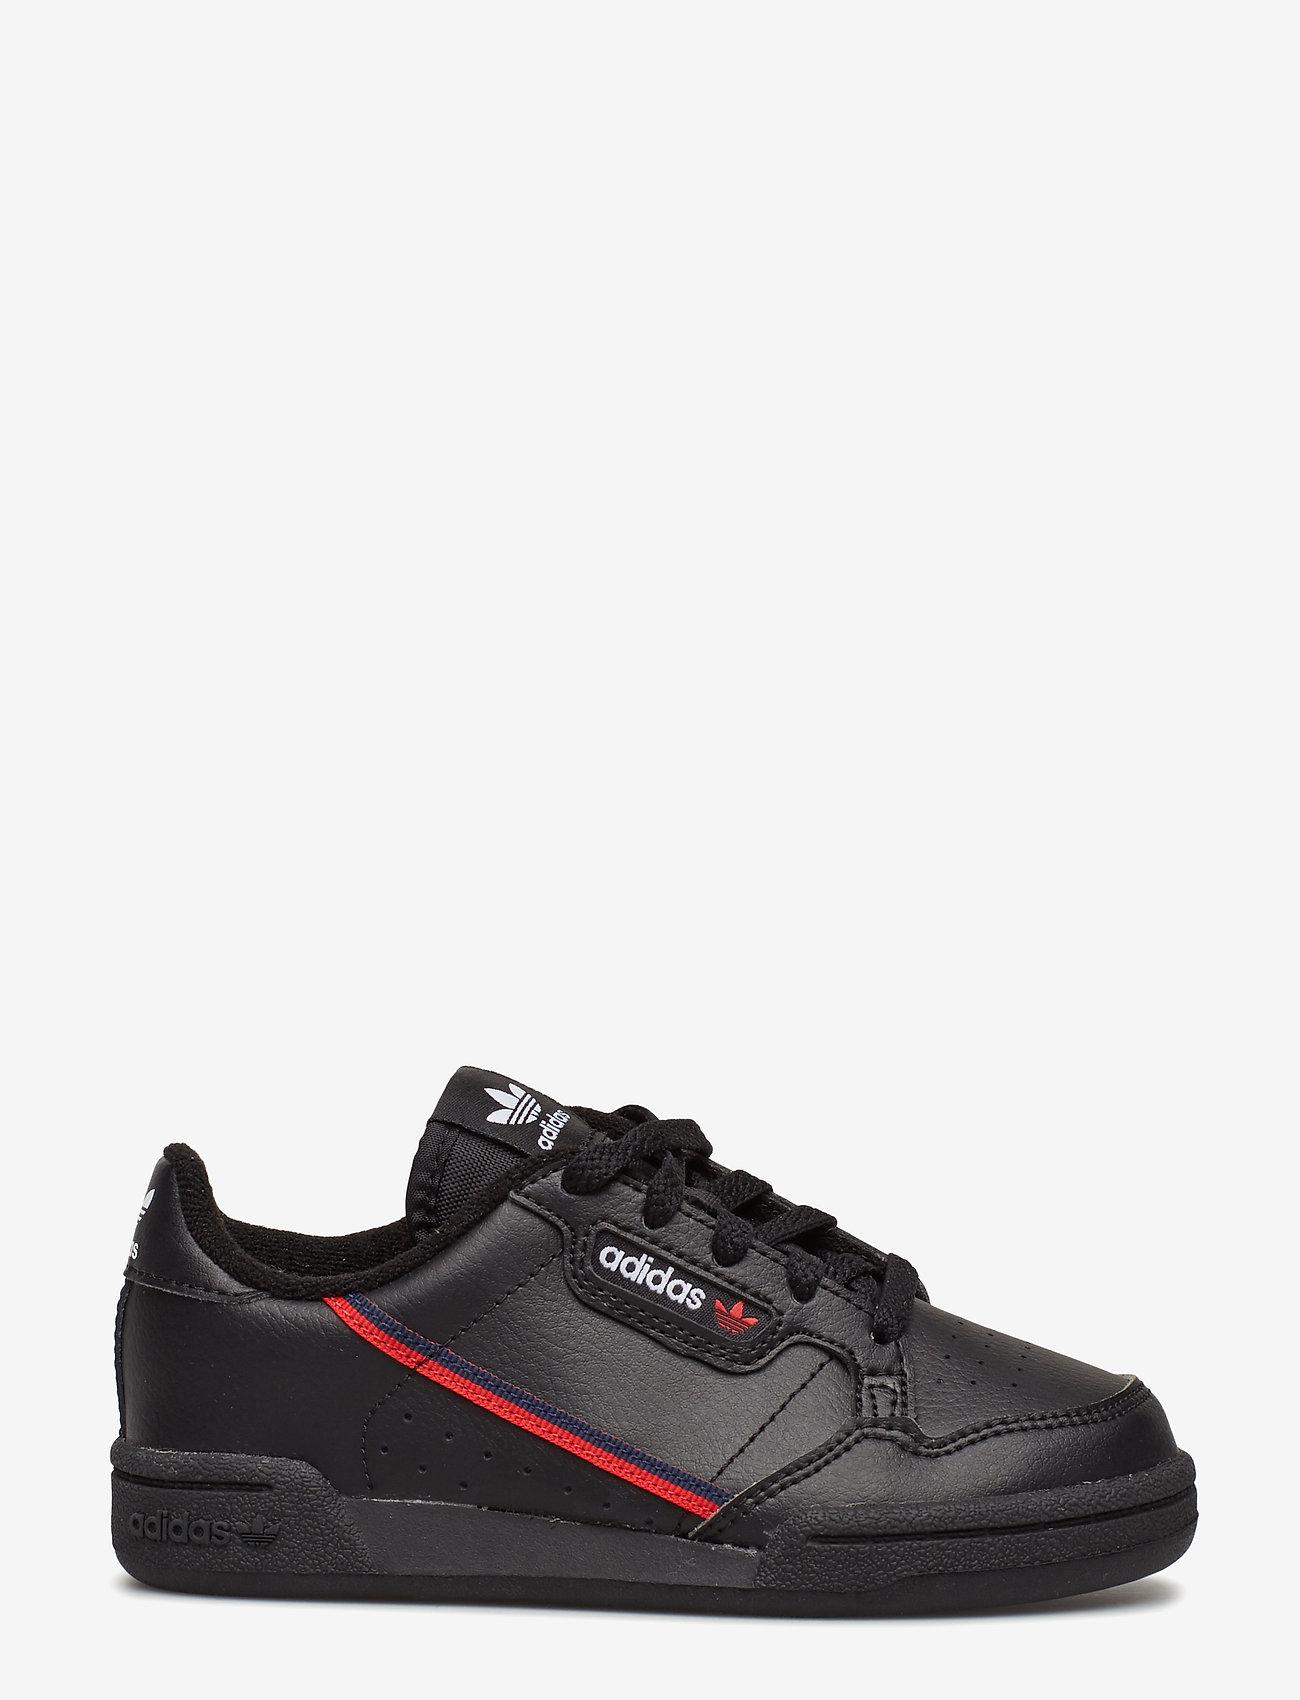 Adidas Originals Continental 80 C - Sneakers Cblack/scarle/conavy